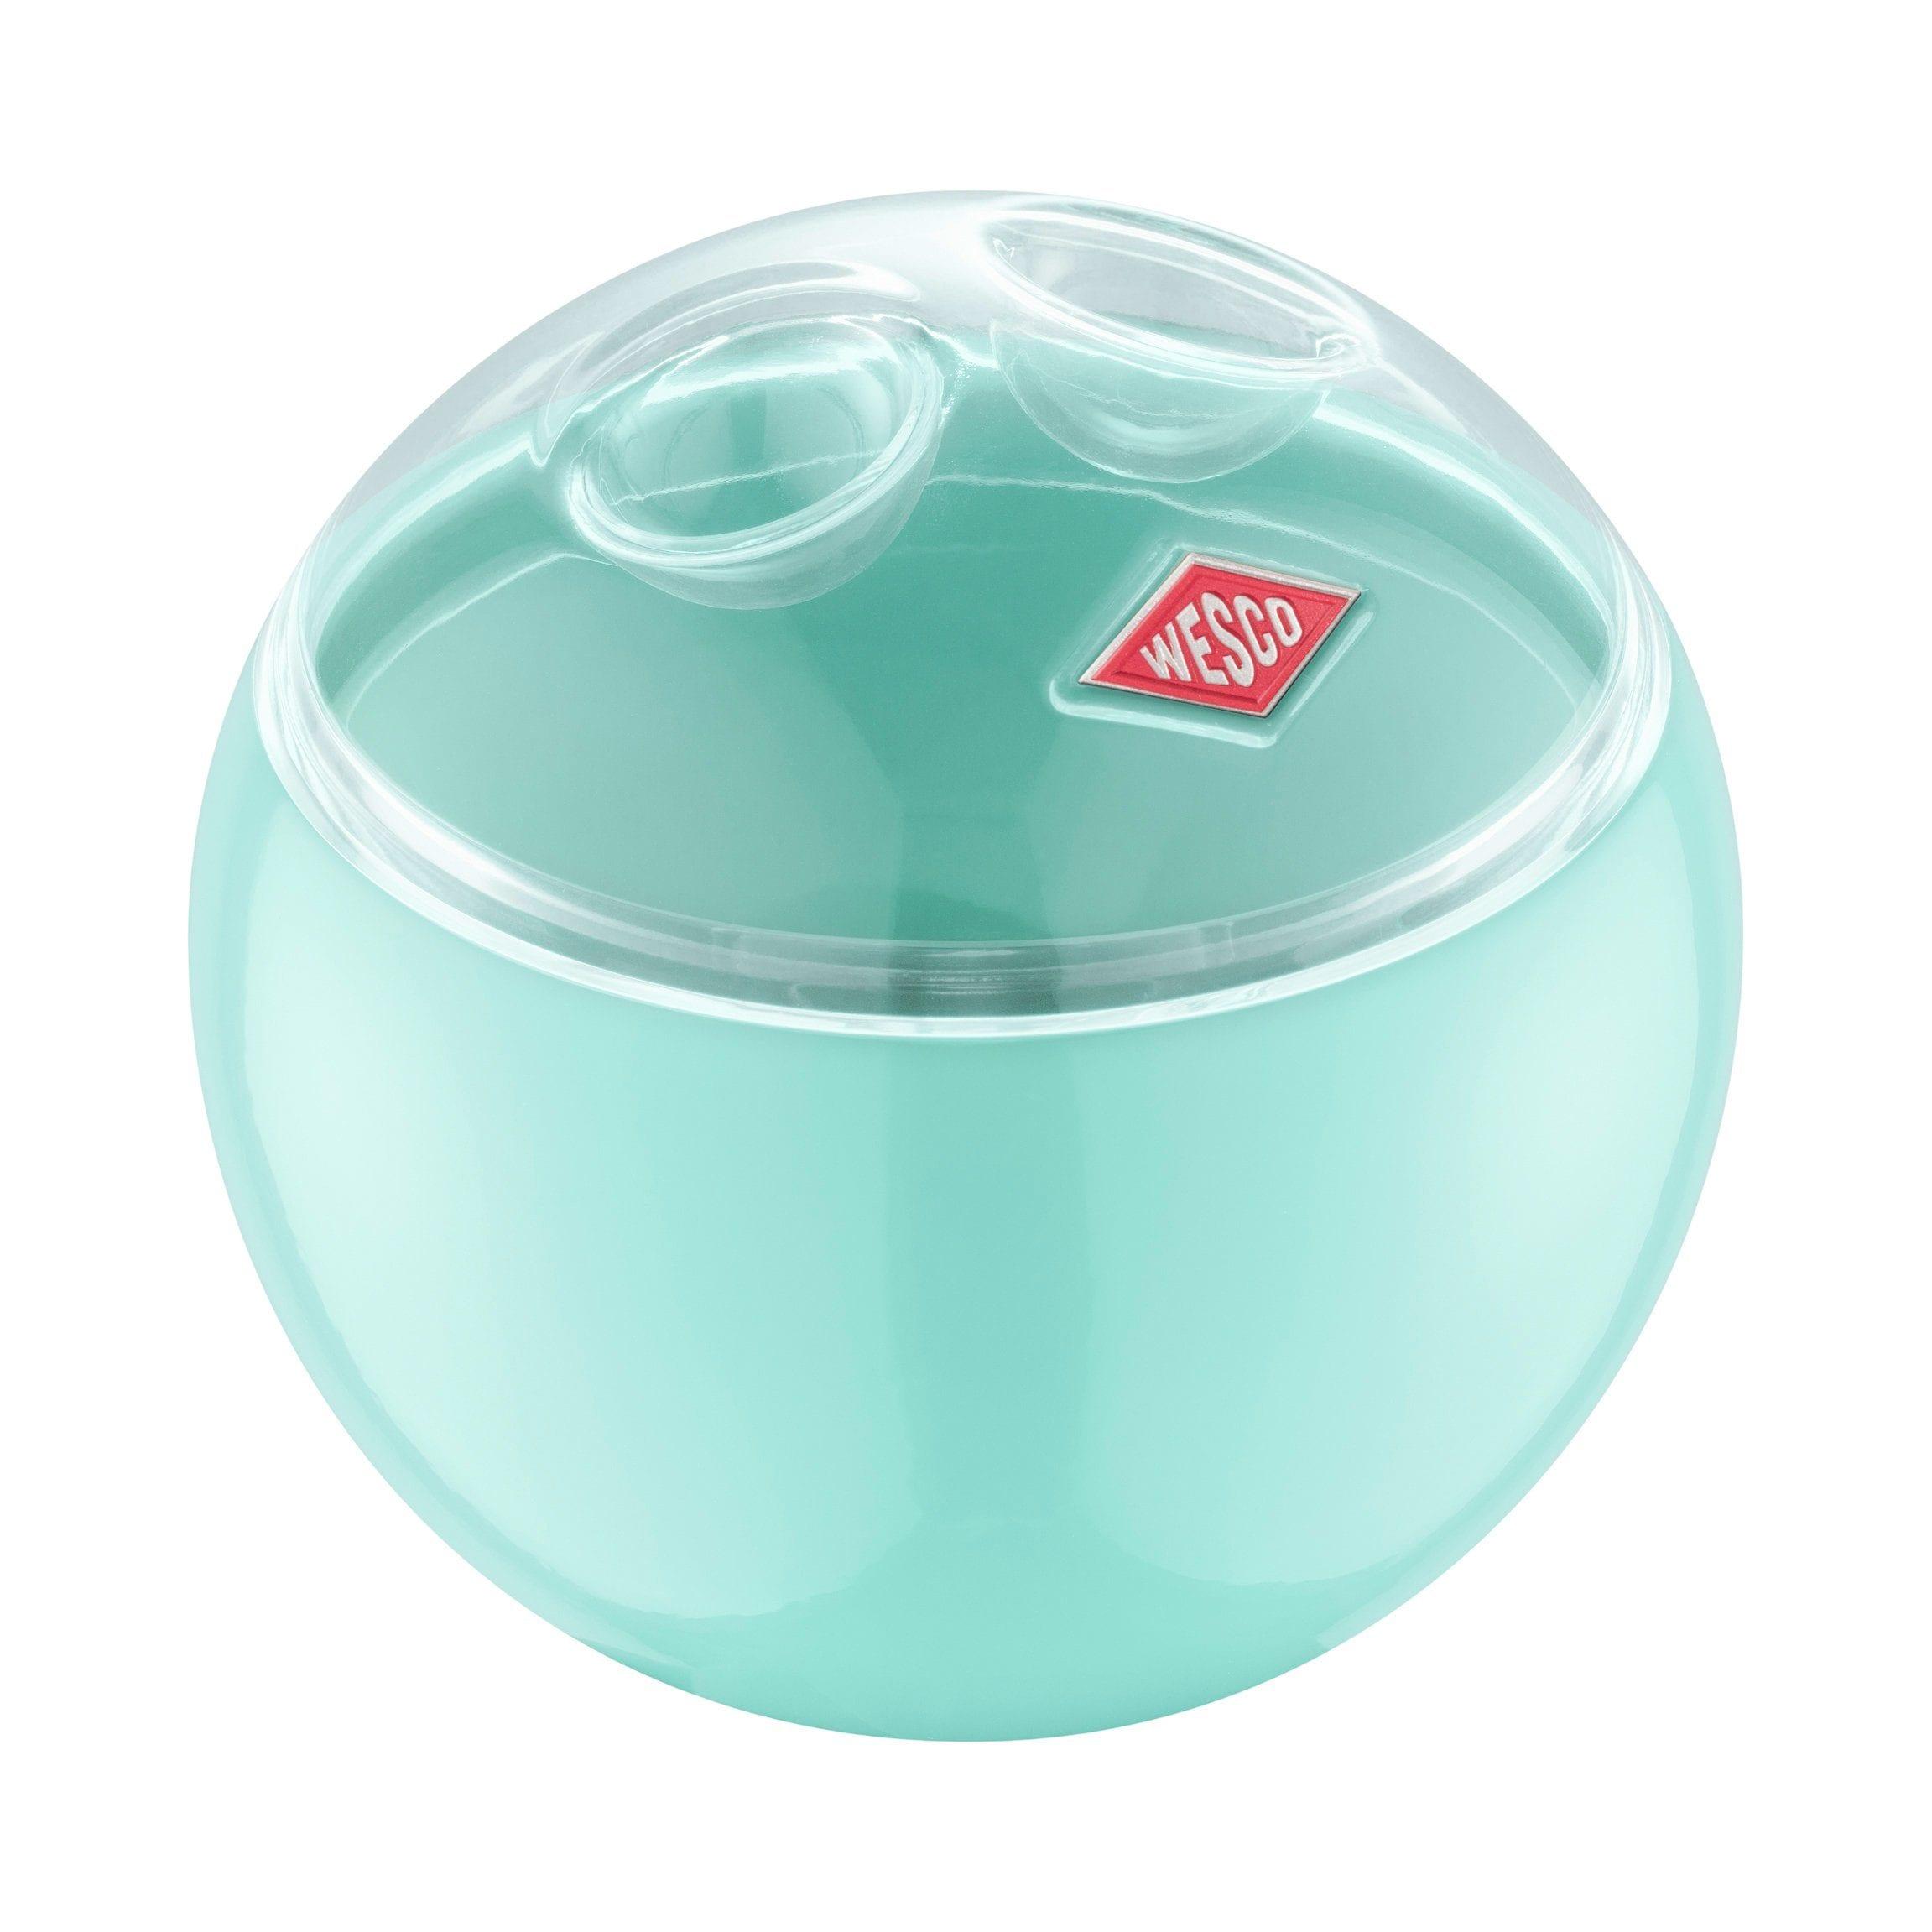 Wesco Aufbewahrungsbehälter MINI BALL grün Aufbewahrung Küchenhelfer Haushaltswaren